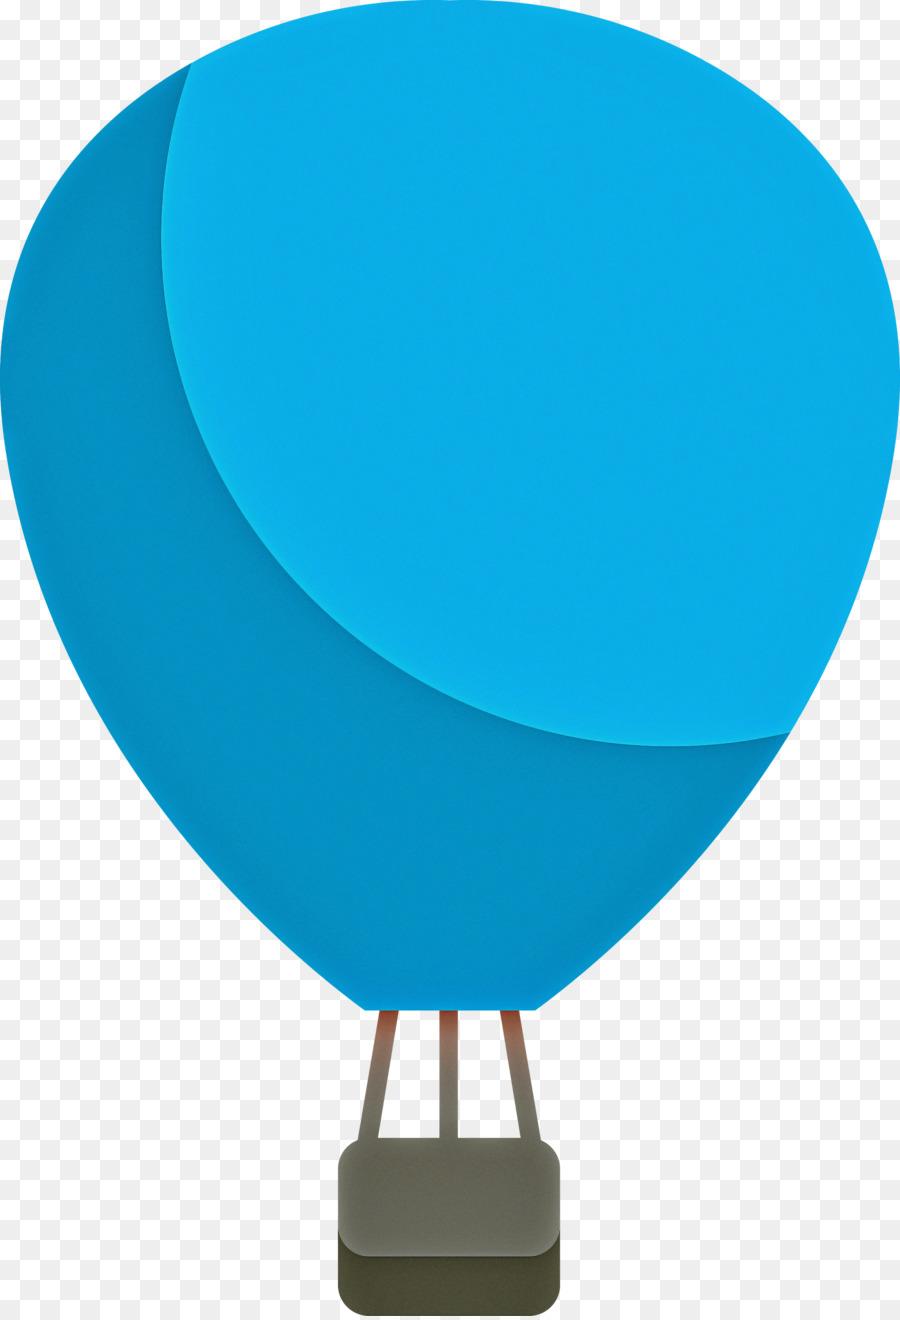 Descarga gratuita de Globo De Aire Caliente, Azul, Turquesa Imágen de Png